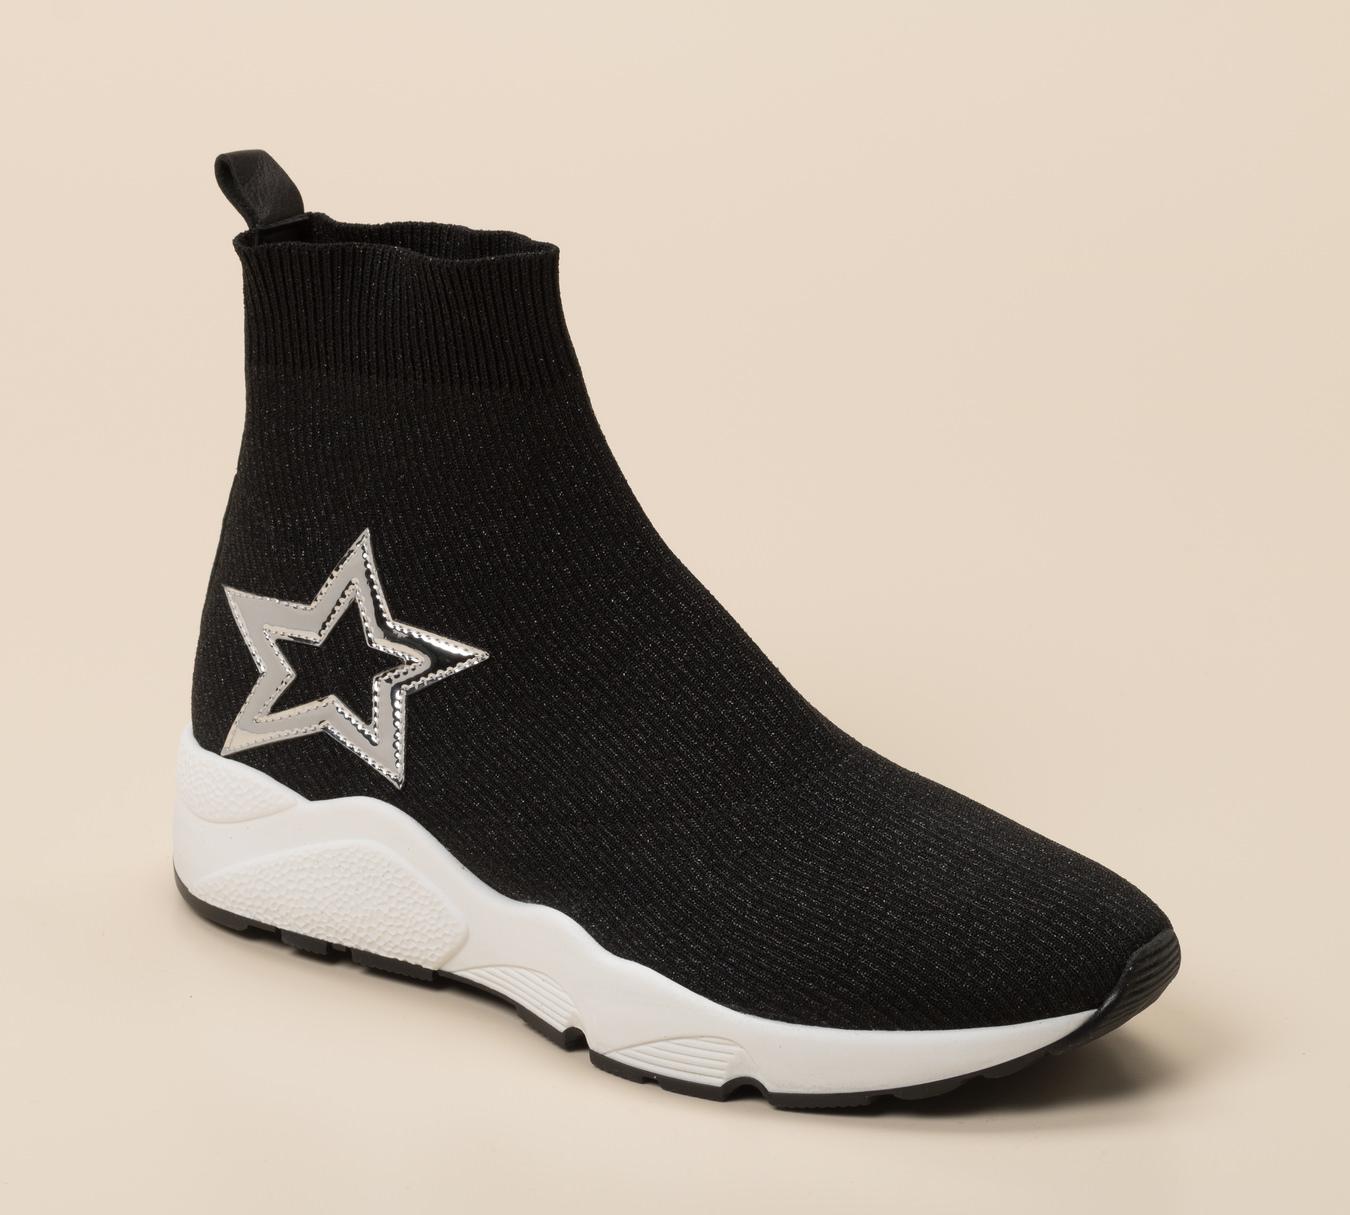 adidas superstar 2 damen turnschuhe blumen monogram schwarz weiß